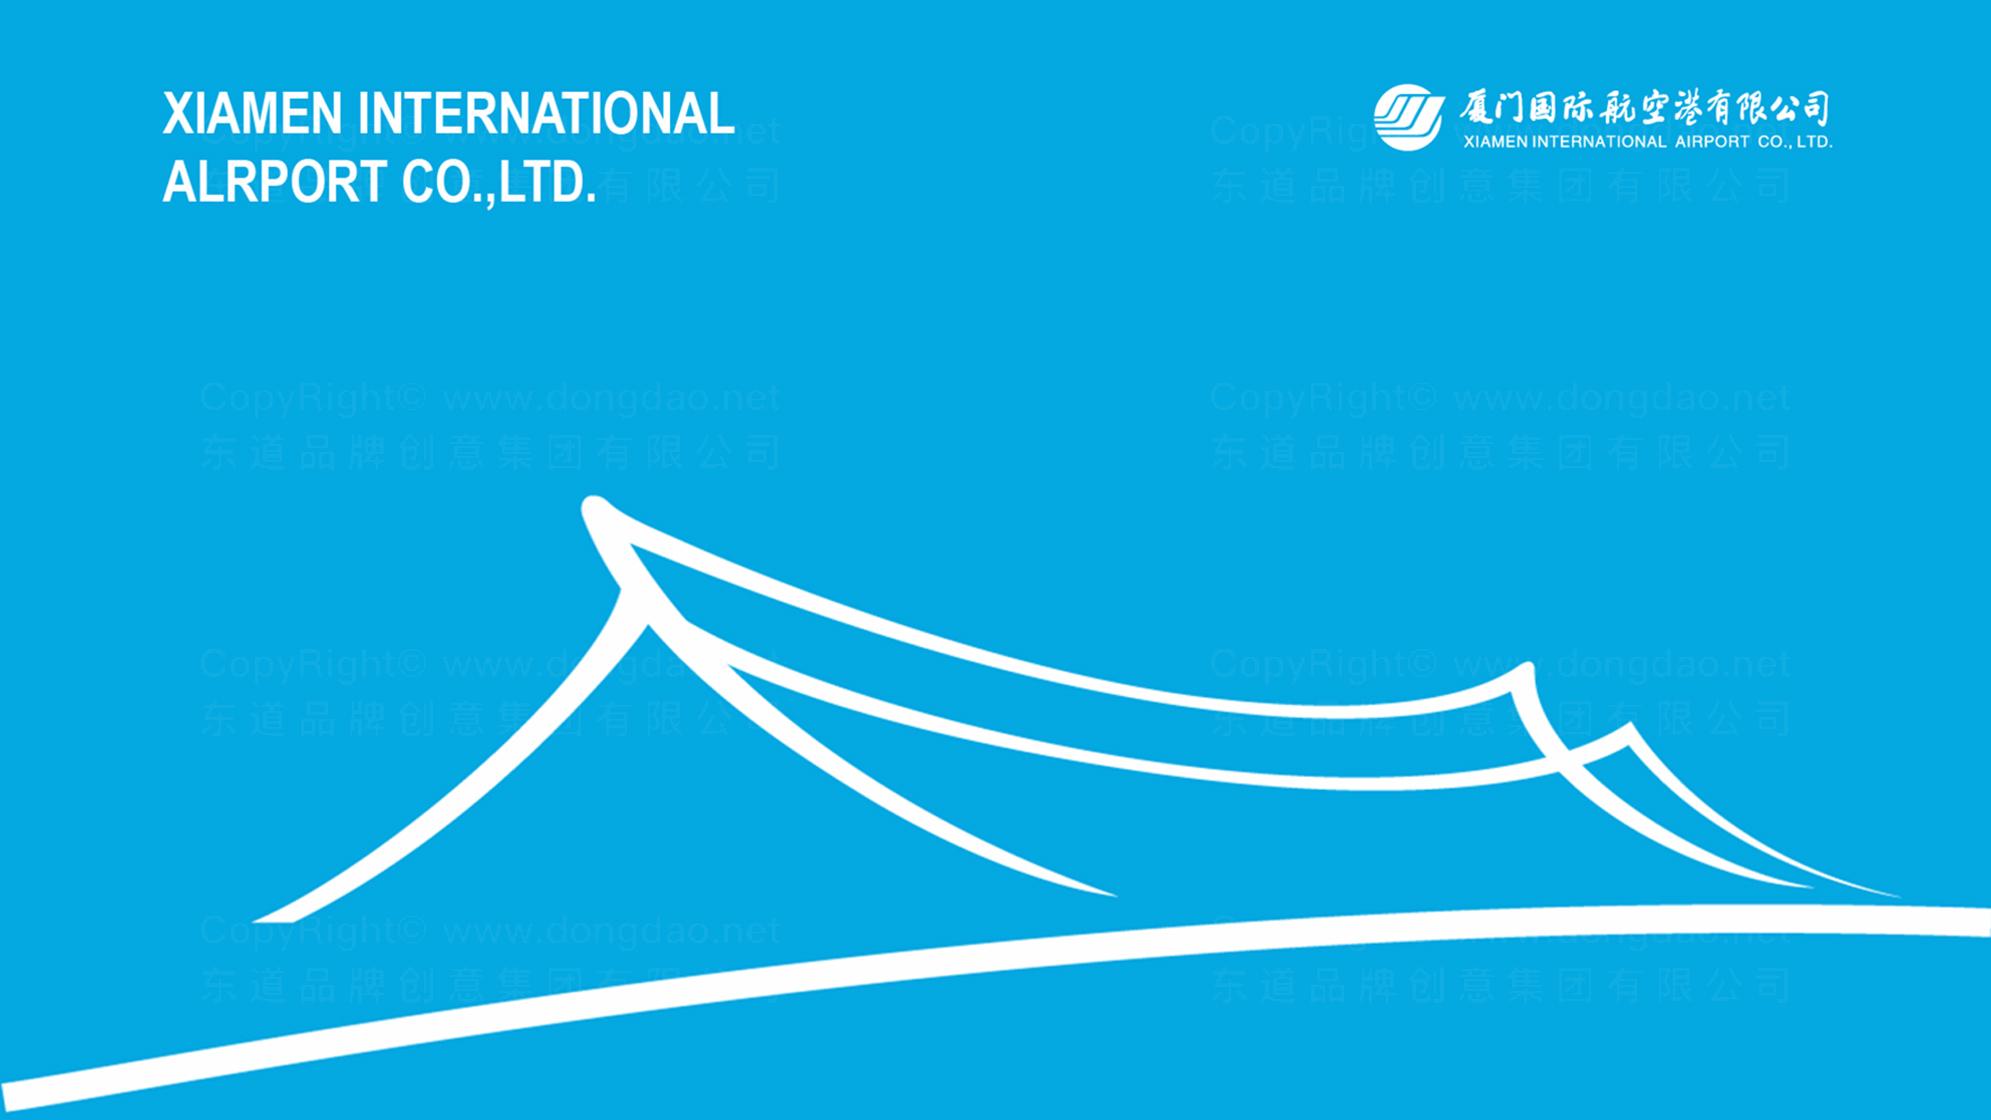 品牌设计翔业集团标志设计应用场景_6